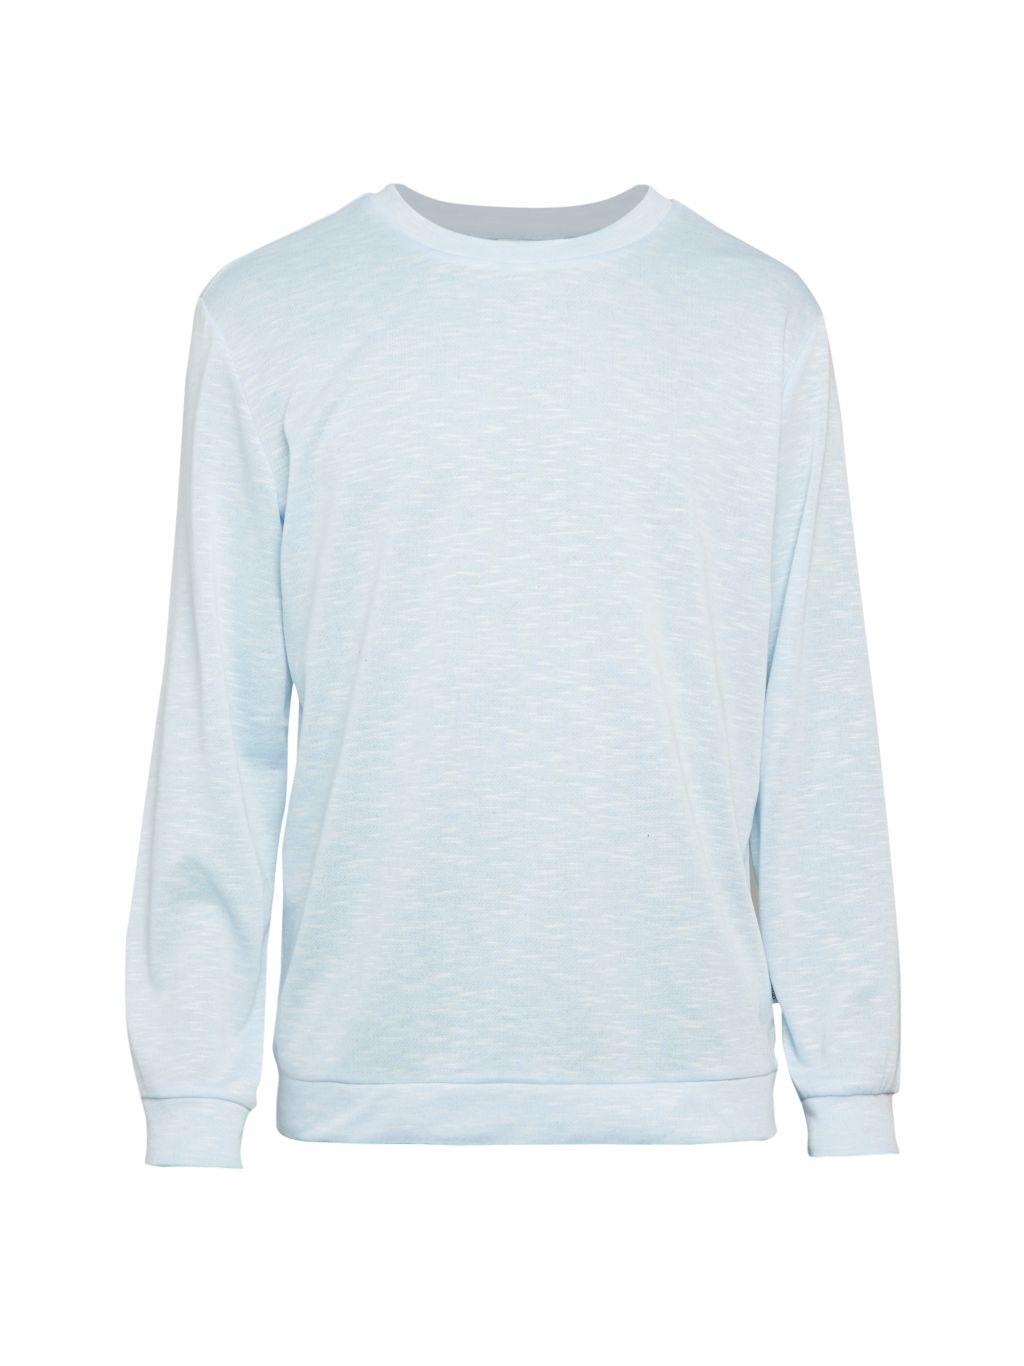 Onia Owen Streaked Sweatshirt